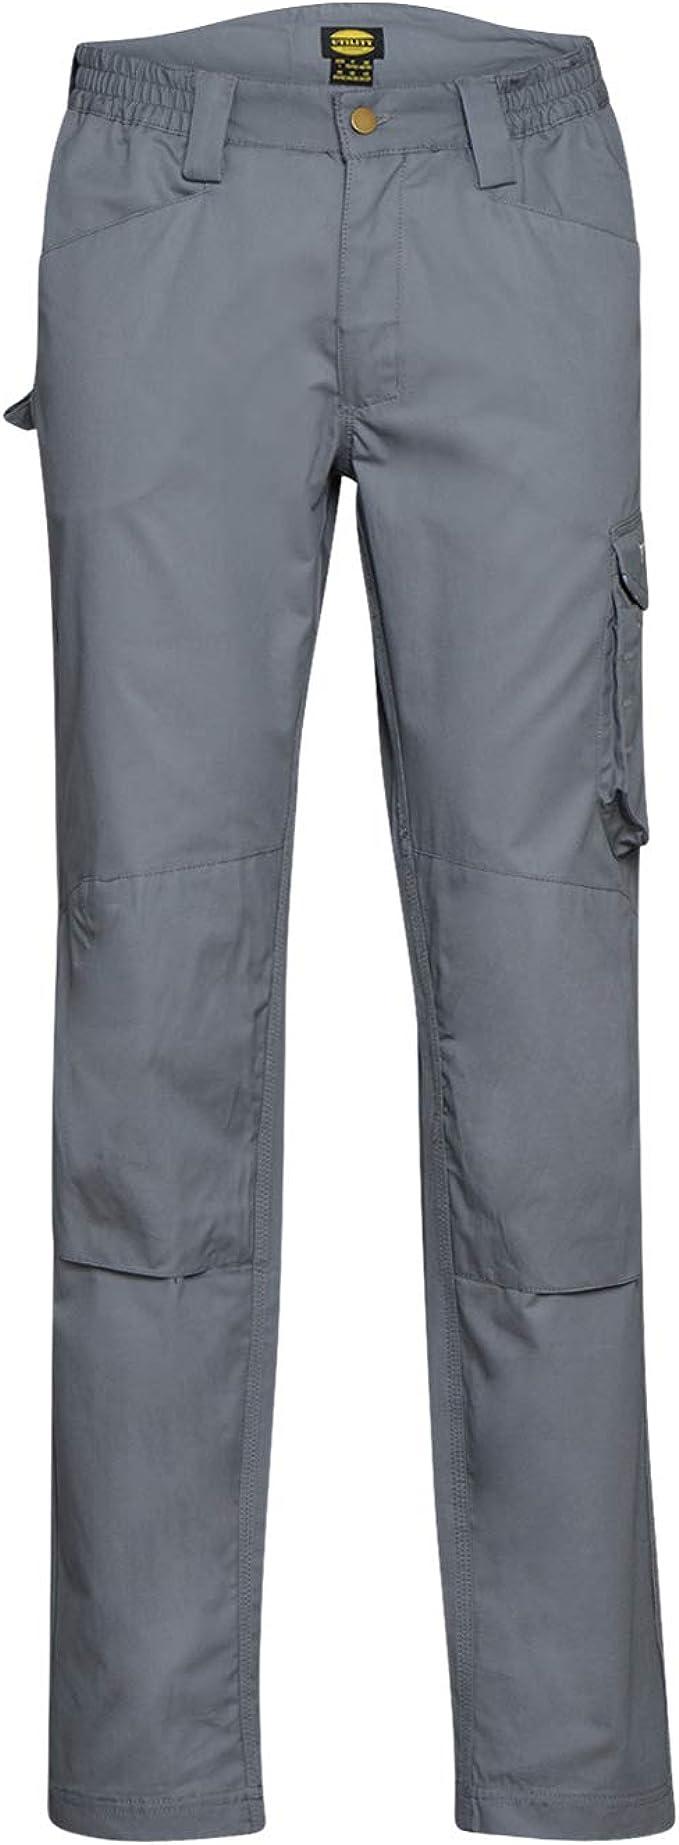 Pantalone da Lavoro Rock Light Cotton ISO 13688:2013 per Uomo IT M Utility Diadora